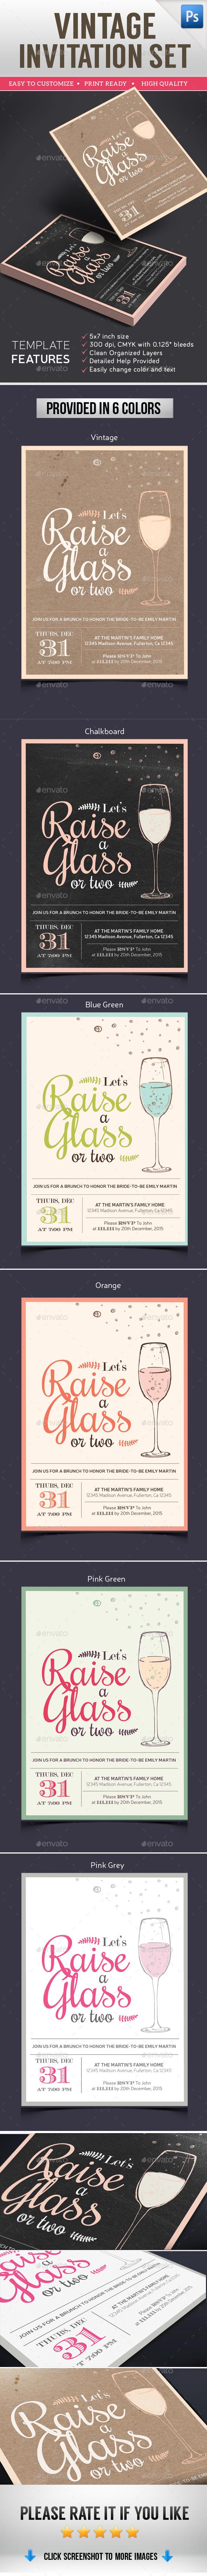 Vintage Invitation Set - Cards & Invites Print Templates